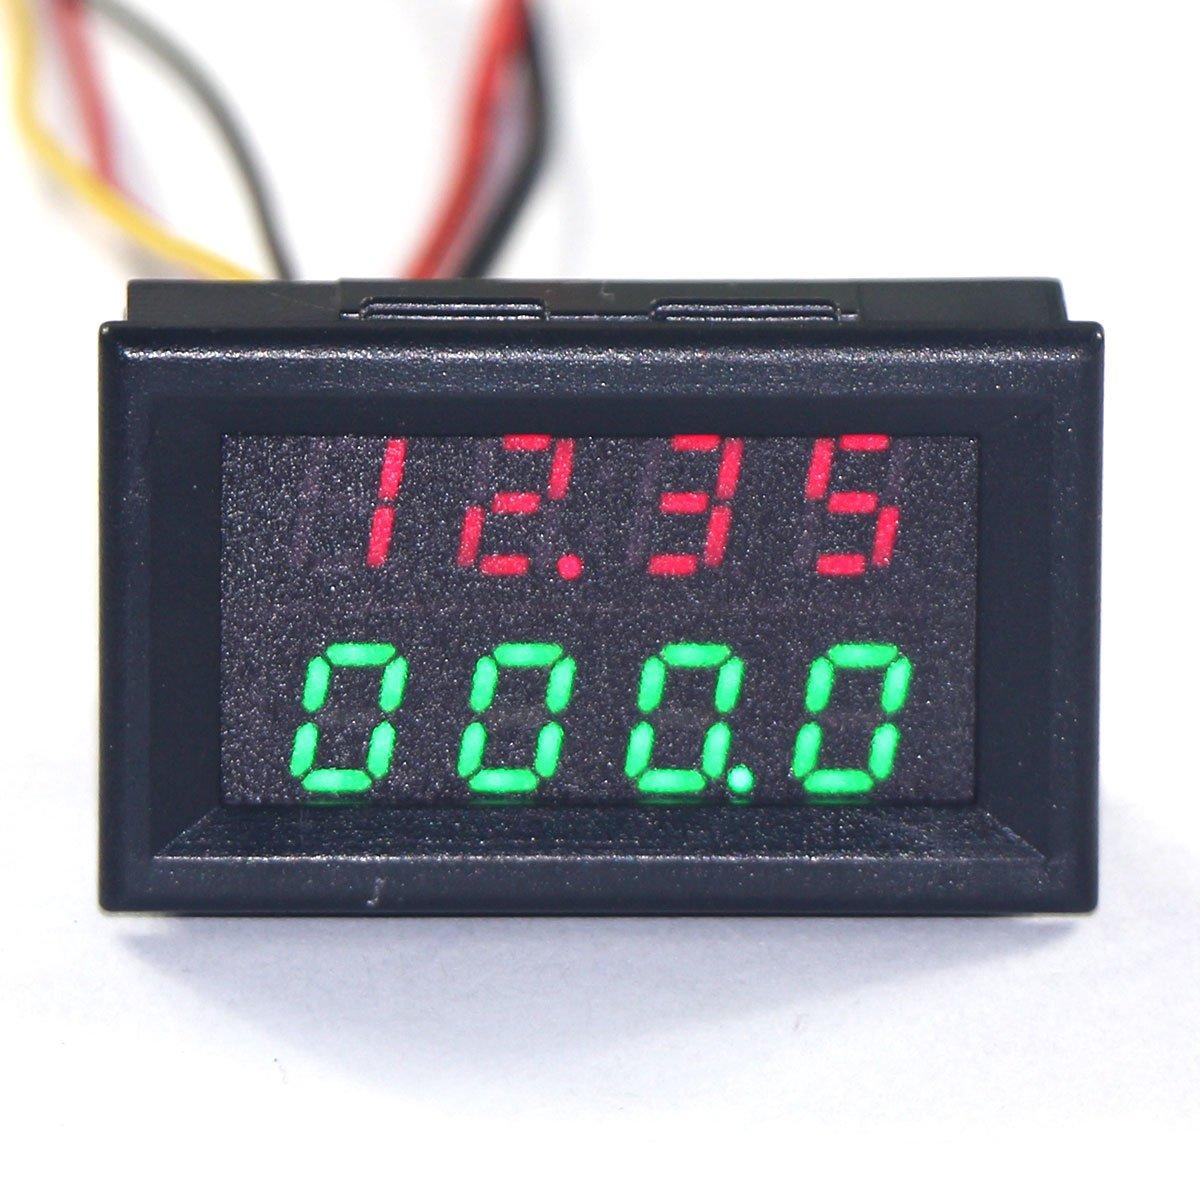 DROK&reg: Digital Voltmeter / Amperemeter DC 0-33V / 0-3A 12V 0 ...